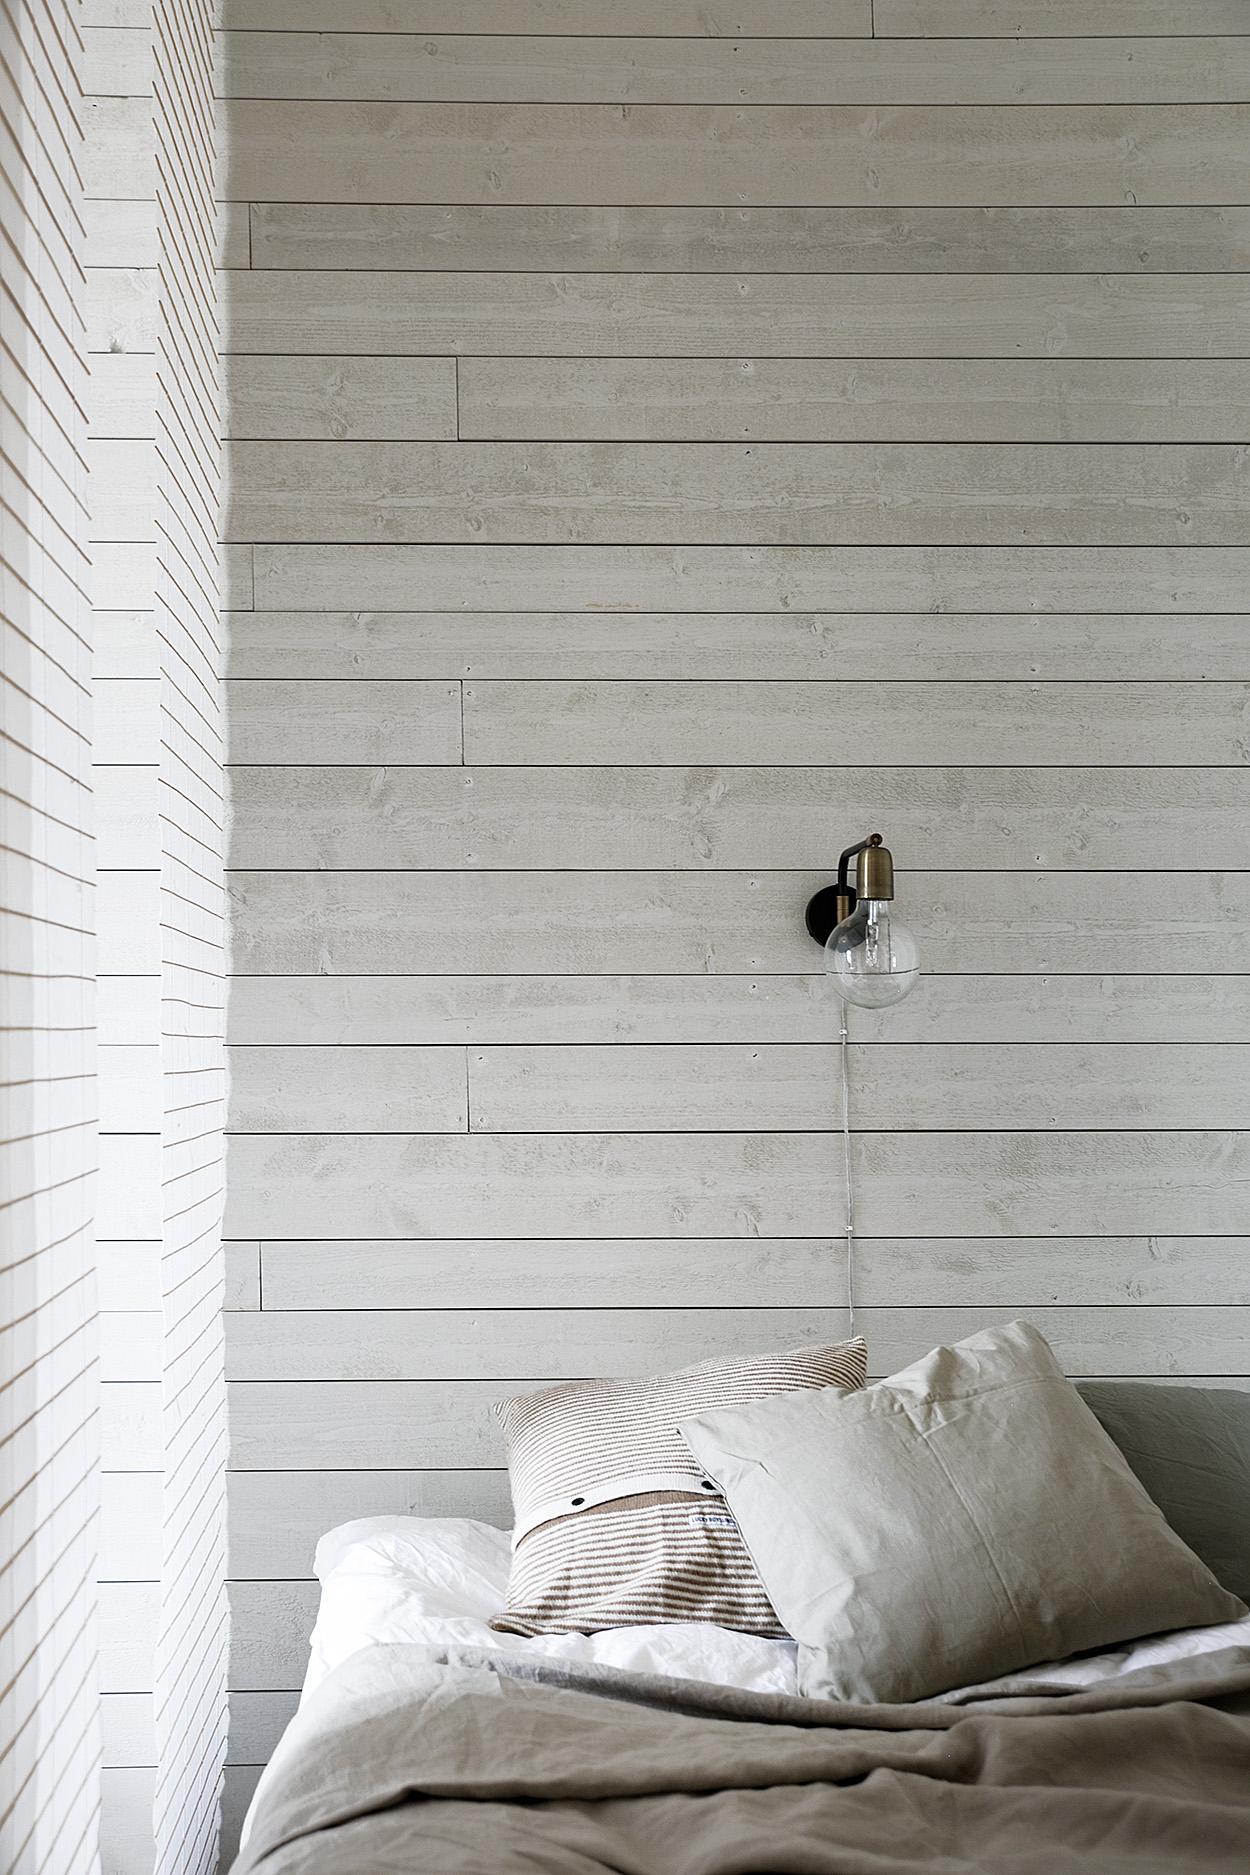 kocksgatan-sovrum-grå-träplank-trä-sänglampa-säng-fantastic-frank